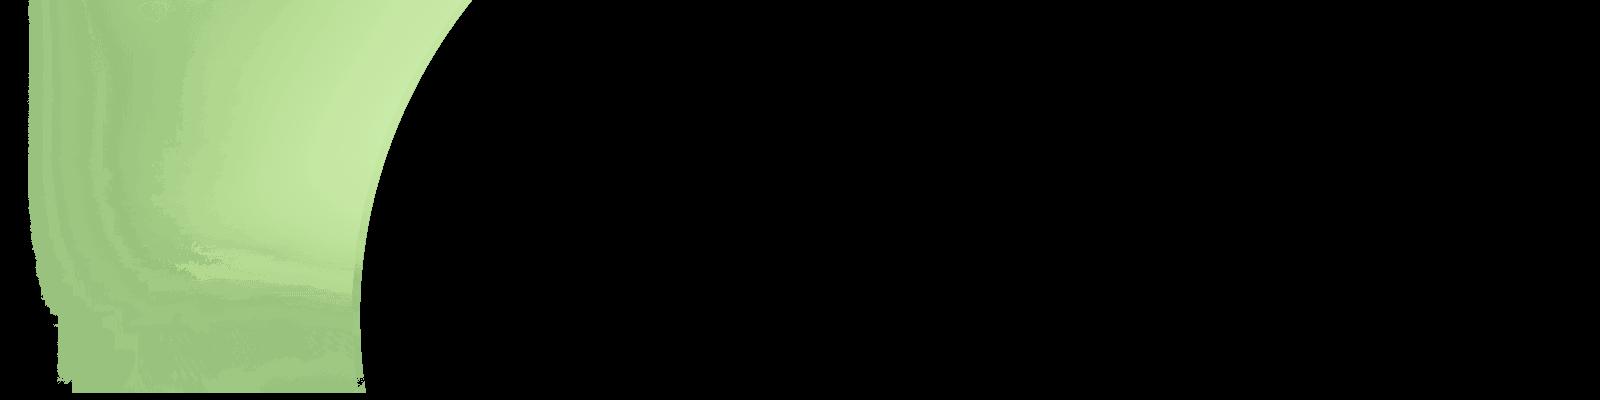 فروش سرور و تجهیزات شبکه